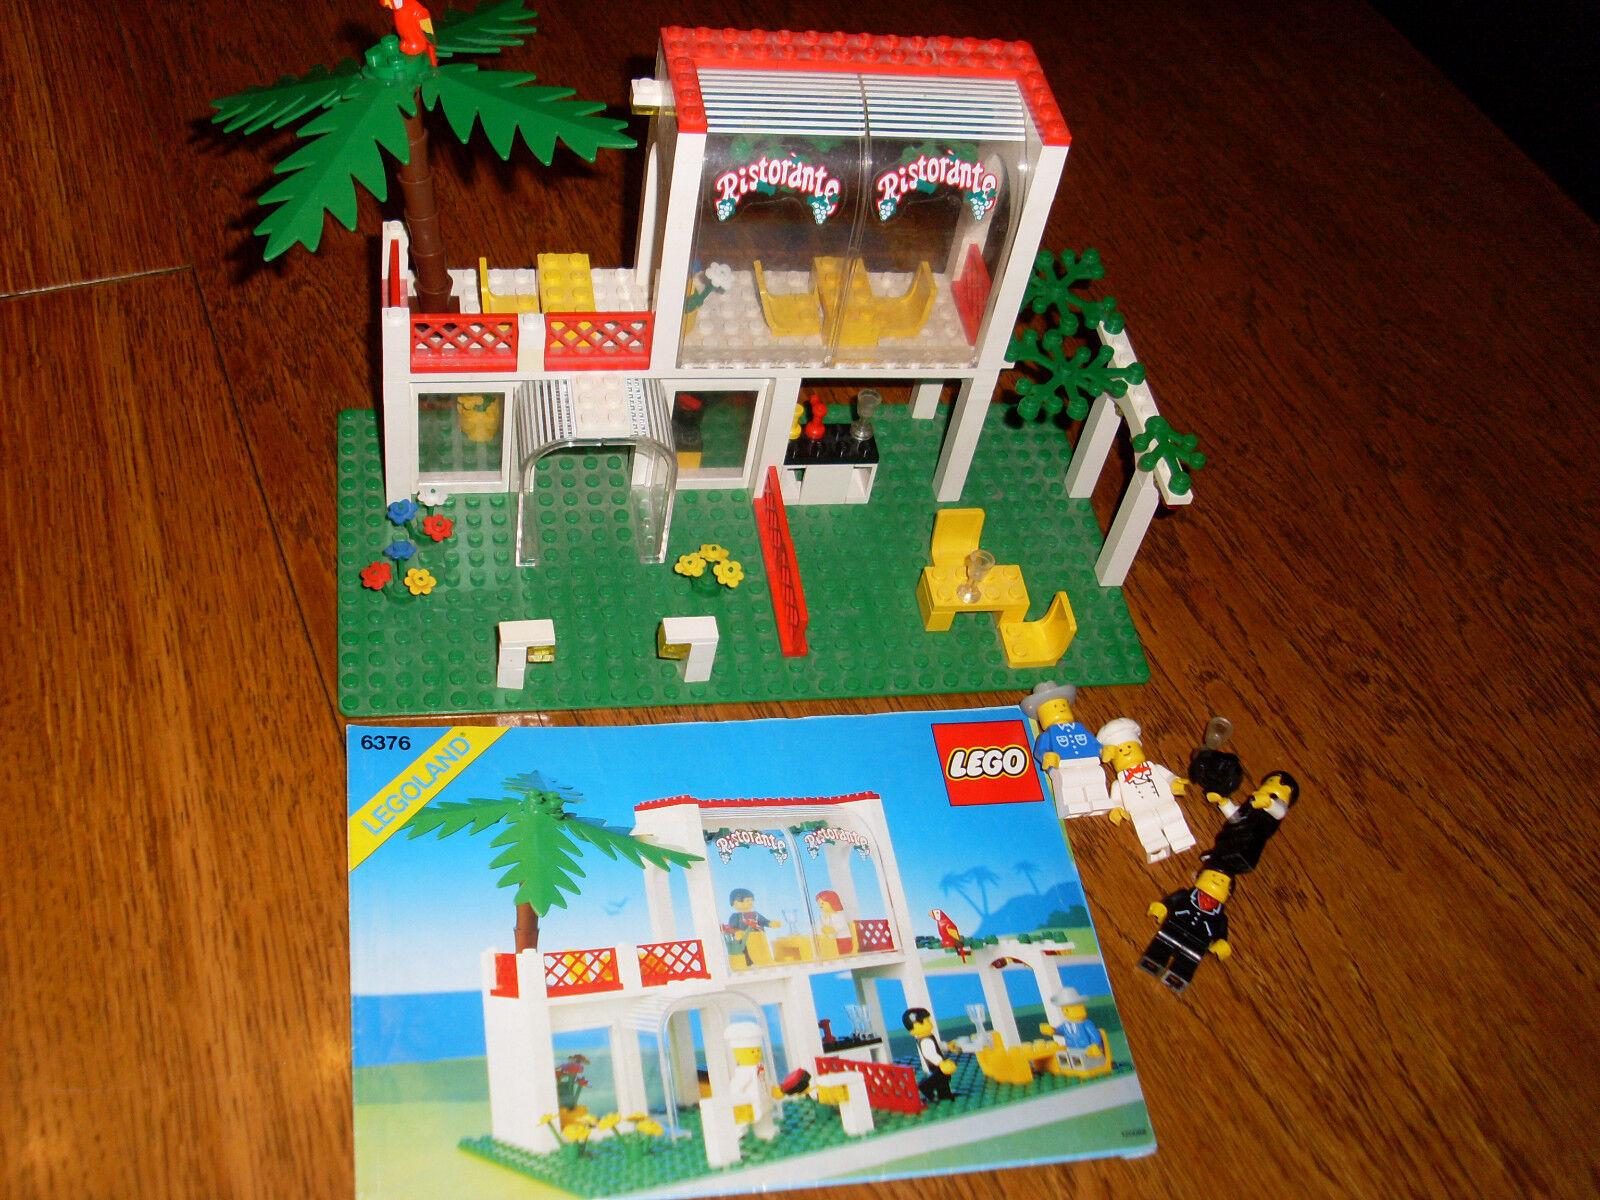 Lego Ristorante  6376 + Bauanleitung + Figuren